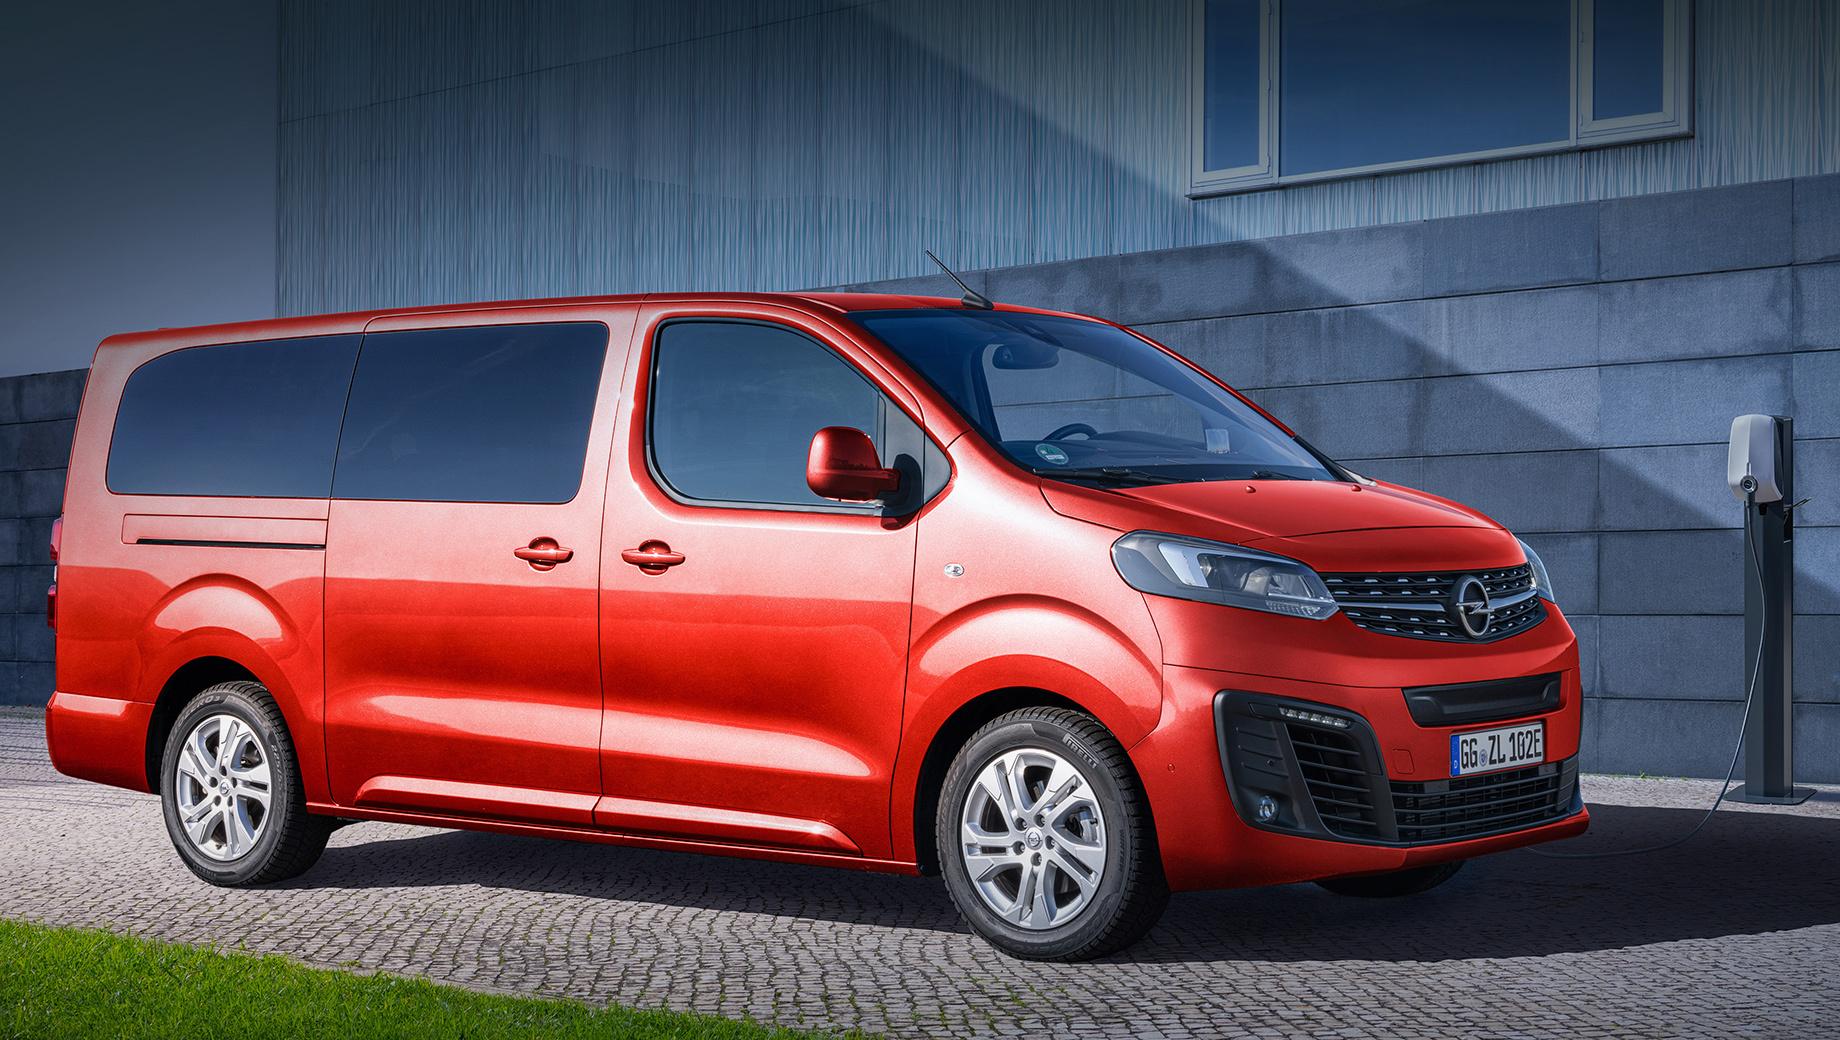 Opel zafira life,Opel zafira e-life,Toyota proace,Toyota proace elrctric. Опелевцы подчёркивают, что высота минивэна не превышает 1900 мм, — это критически важно при въезде на типичные подземные паркинги. Приложение Free2Move Services с функцией Charge My Car открывает доступ к 160 000 зарядных станций по всей Европе и позволяет расплатиться в онлайне.